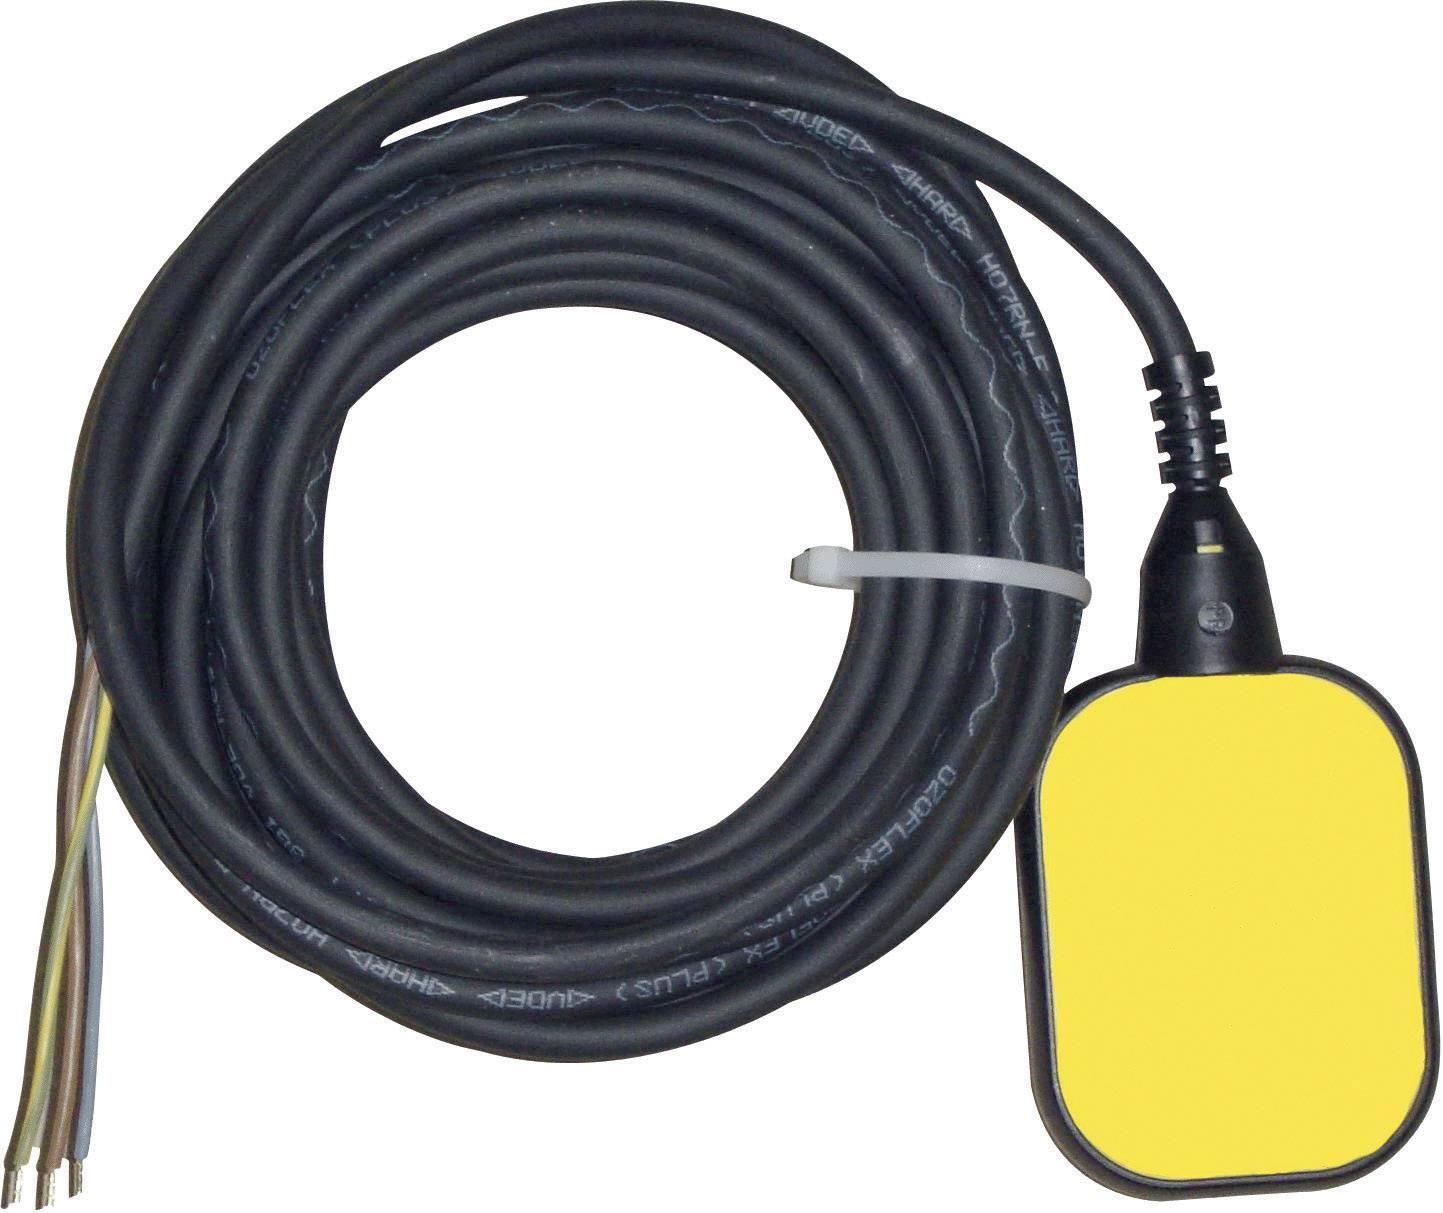 Plovákový spínač pro vypouštění Zehnder Pumpen 14509, 2 m, žlutá/černá